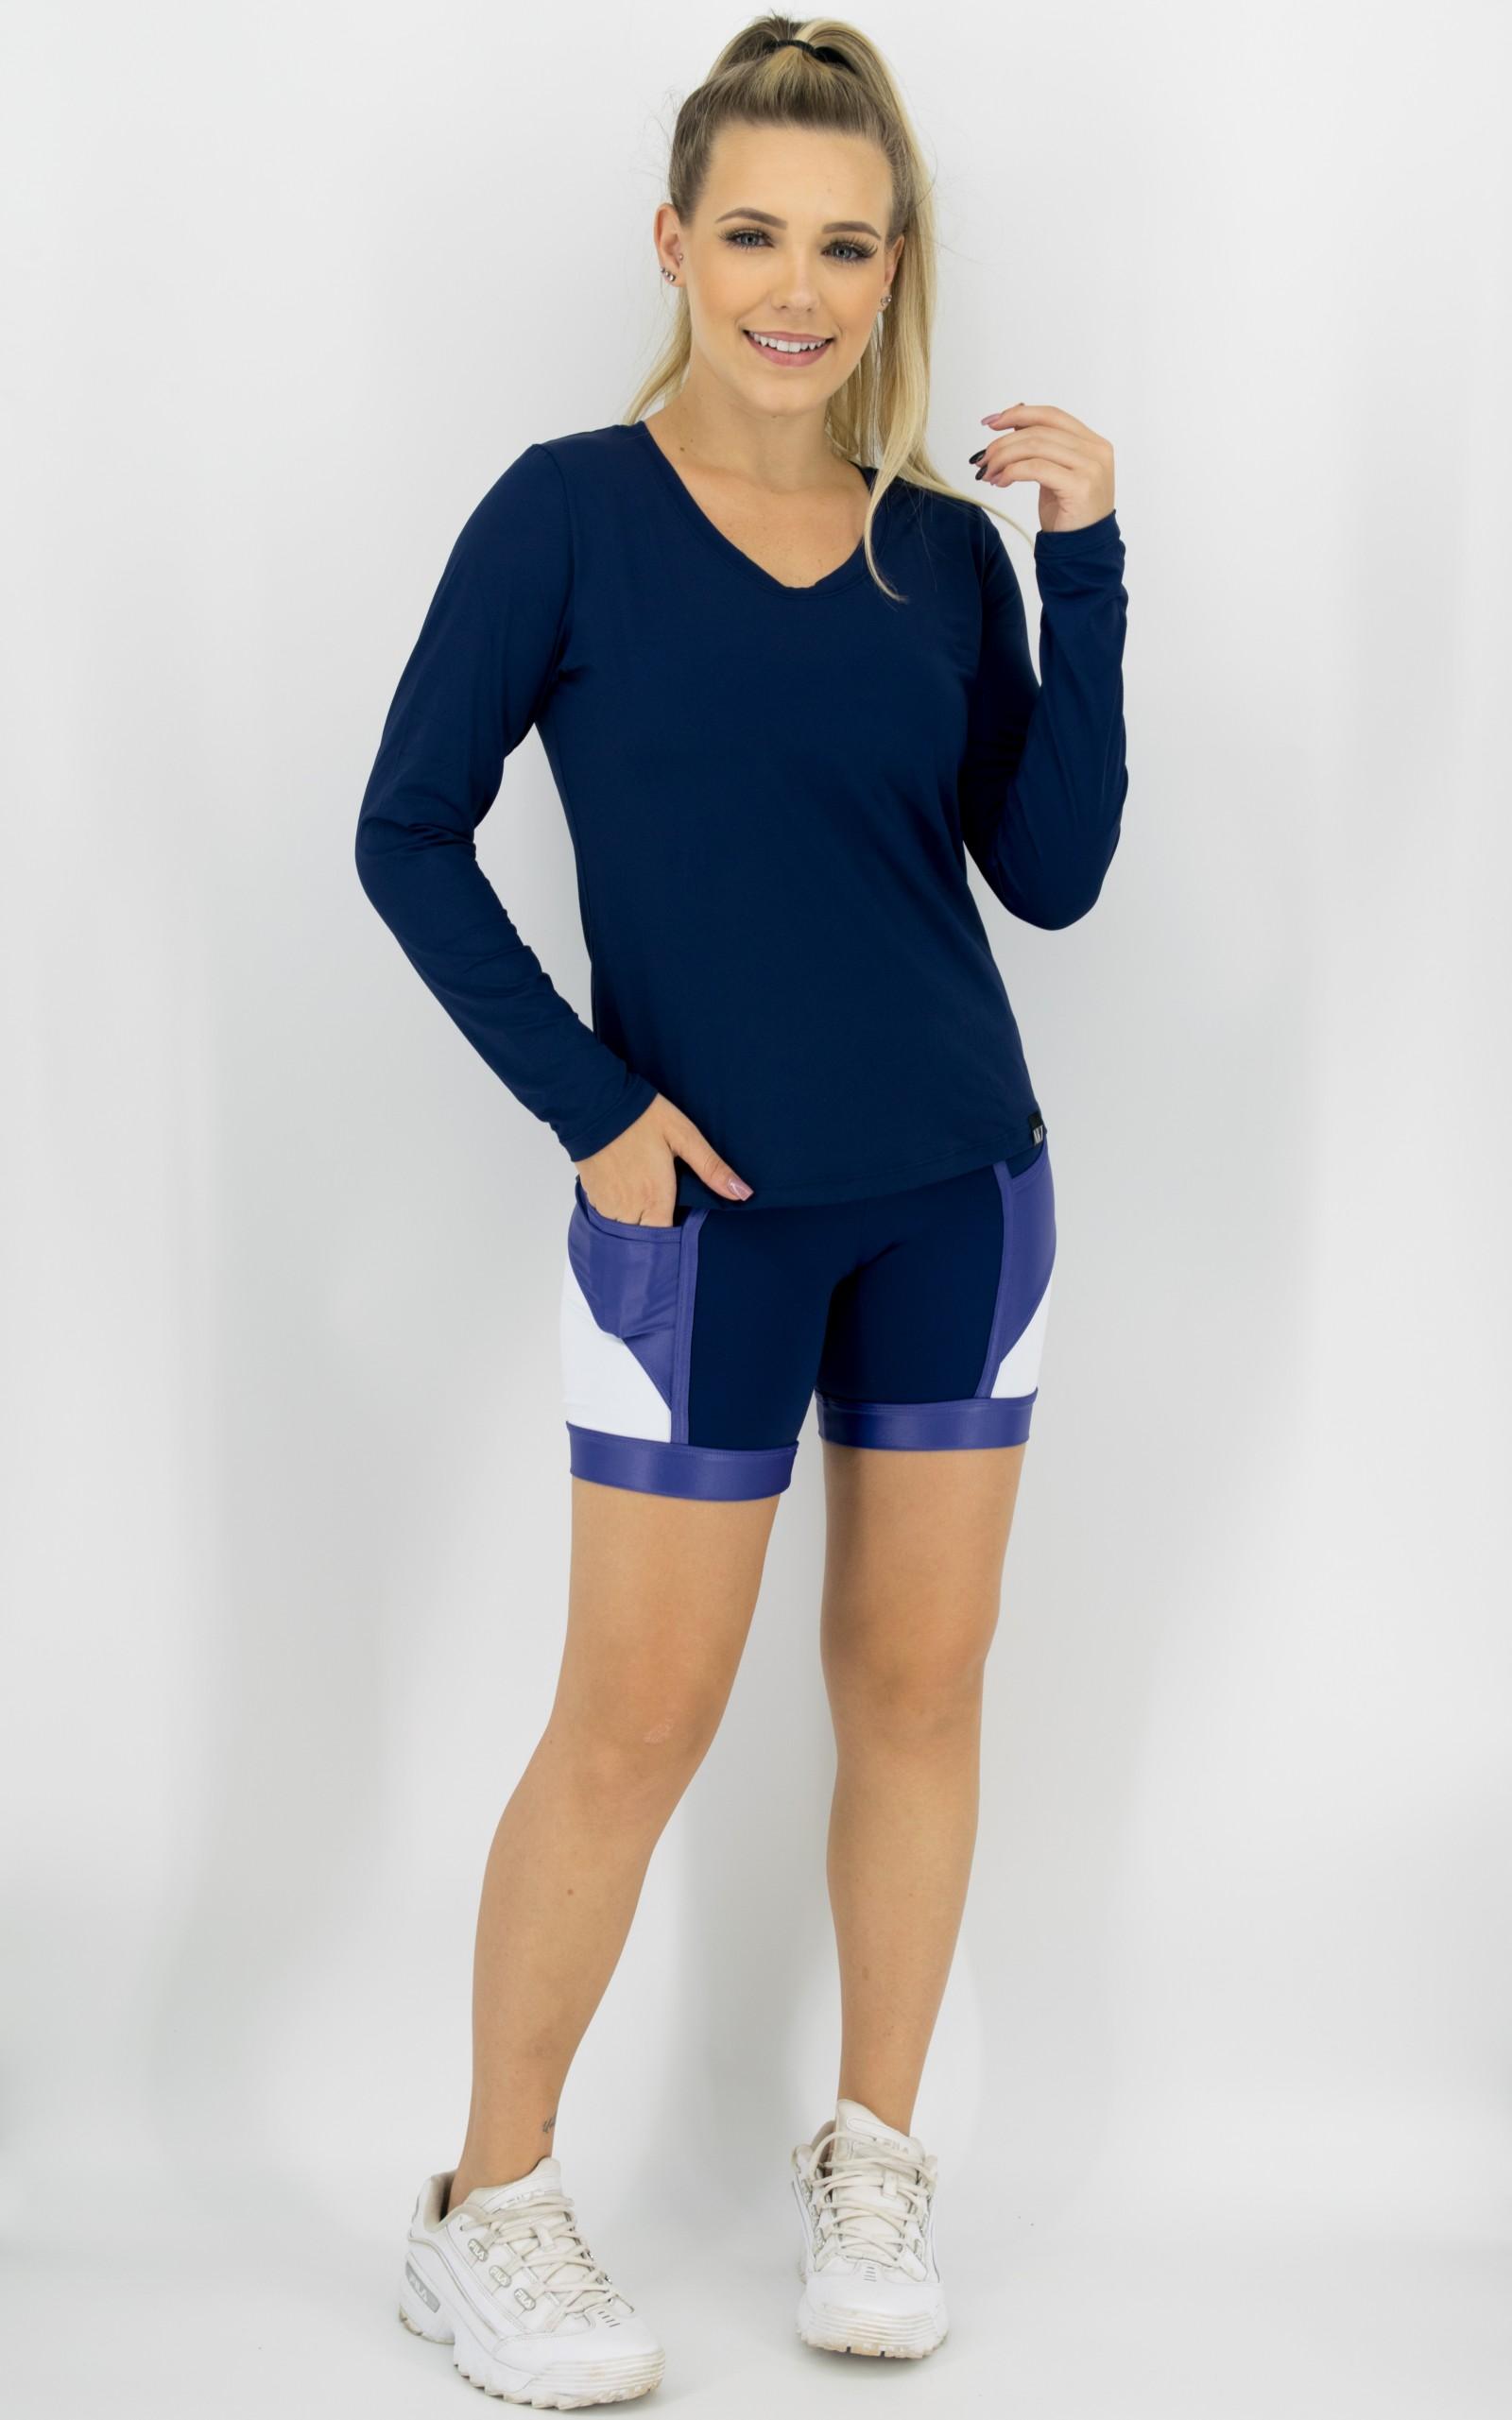 Bermuda Experience Marinho, Coleção Move Your Body - NKT Fitwear Moda Fitness